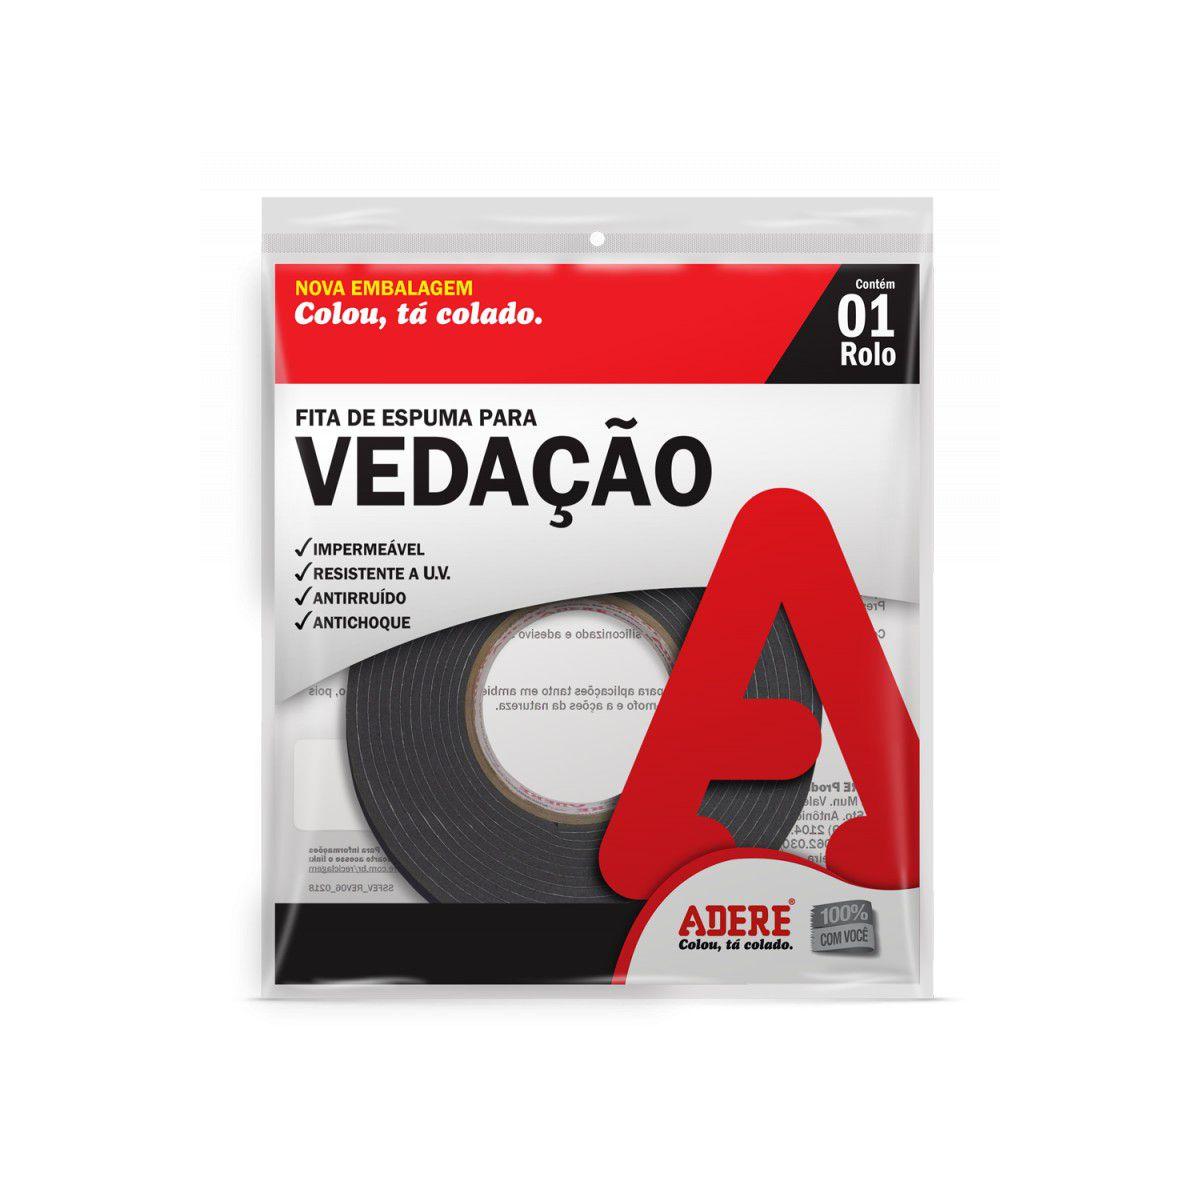 Fita Espuma Vedação 19mmx5m Autoadesiva E104s Adere